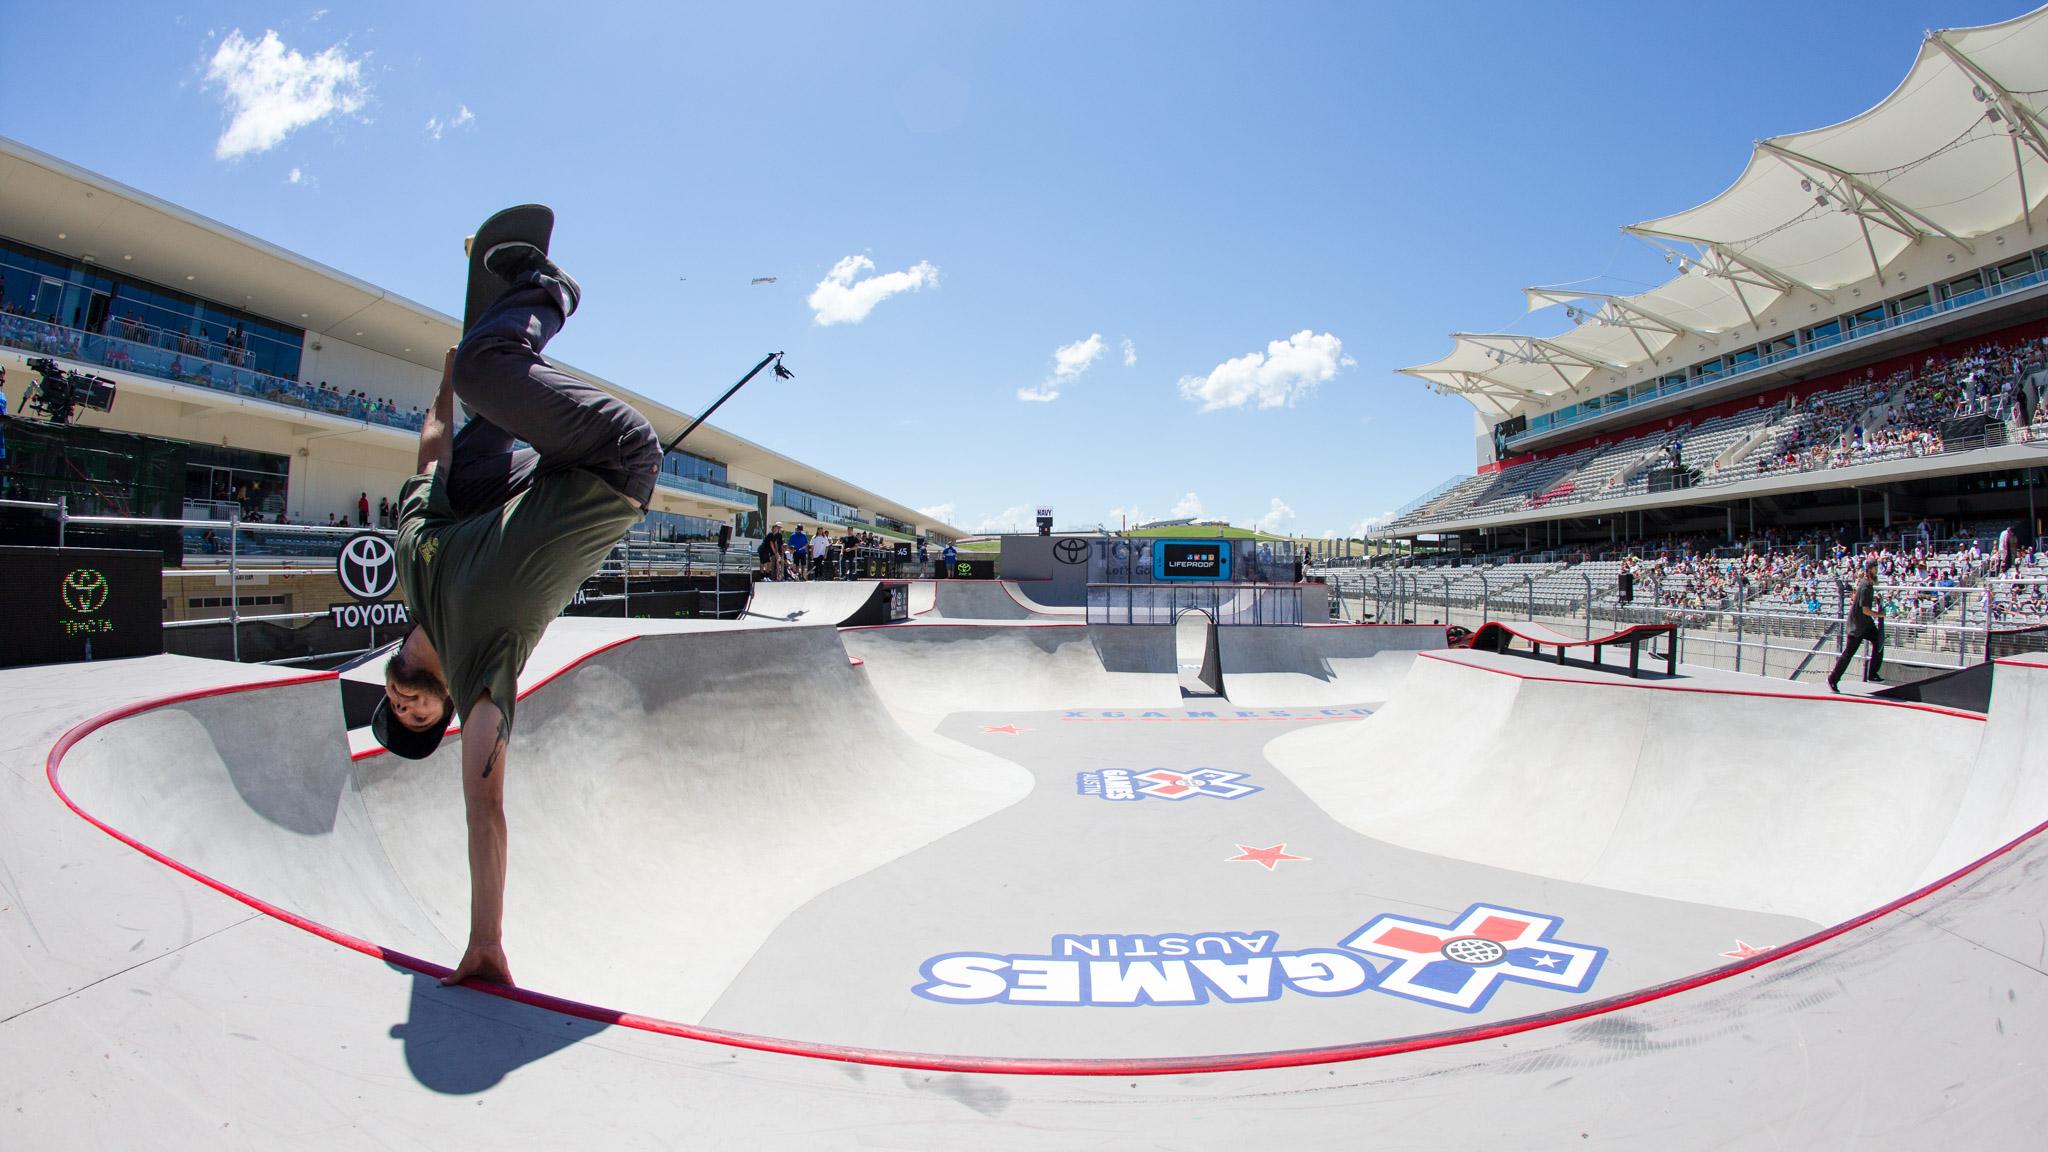 Skateboarding: Ronnie Sandoval